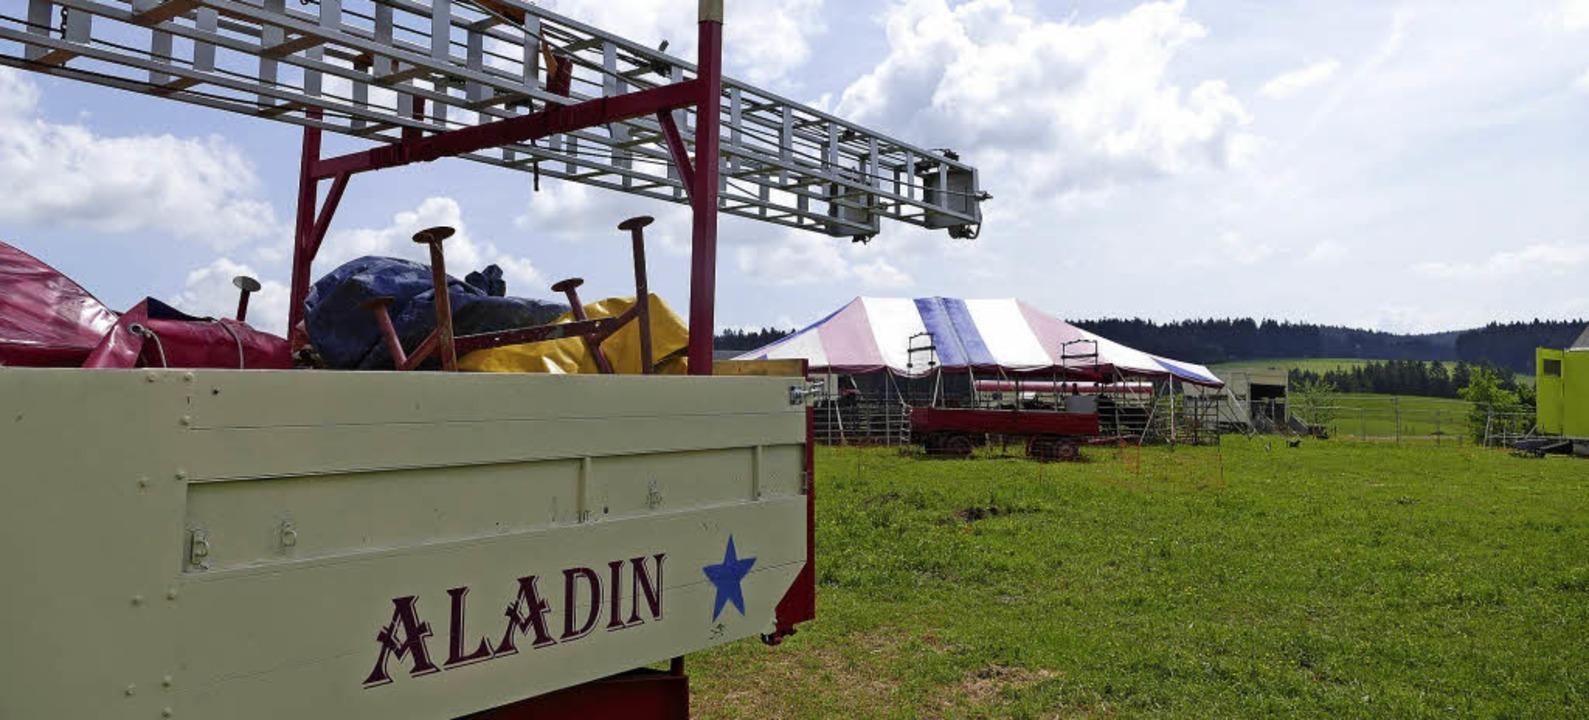 Der Circus Aladin steht derzeit noch i...kusplatz in Neustadt liegt nicht vor.     Foto: Tanja Bury